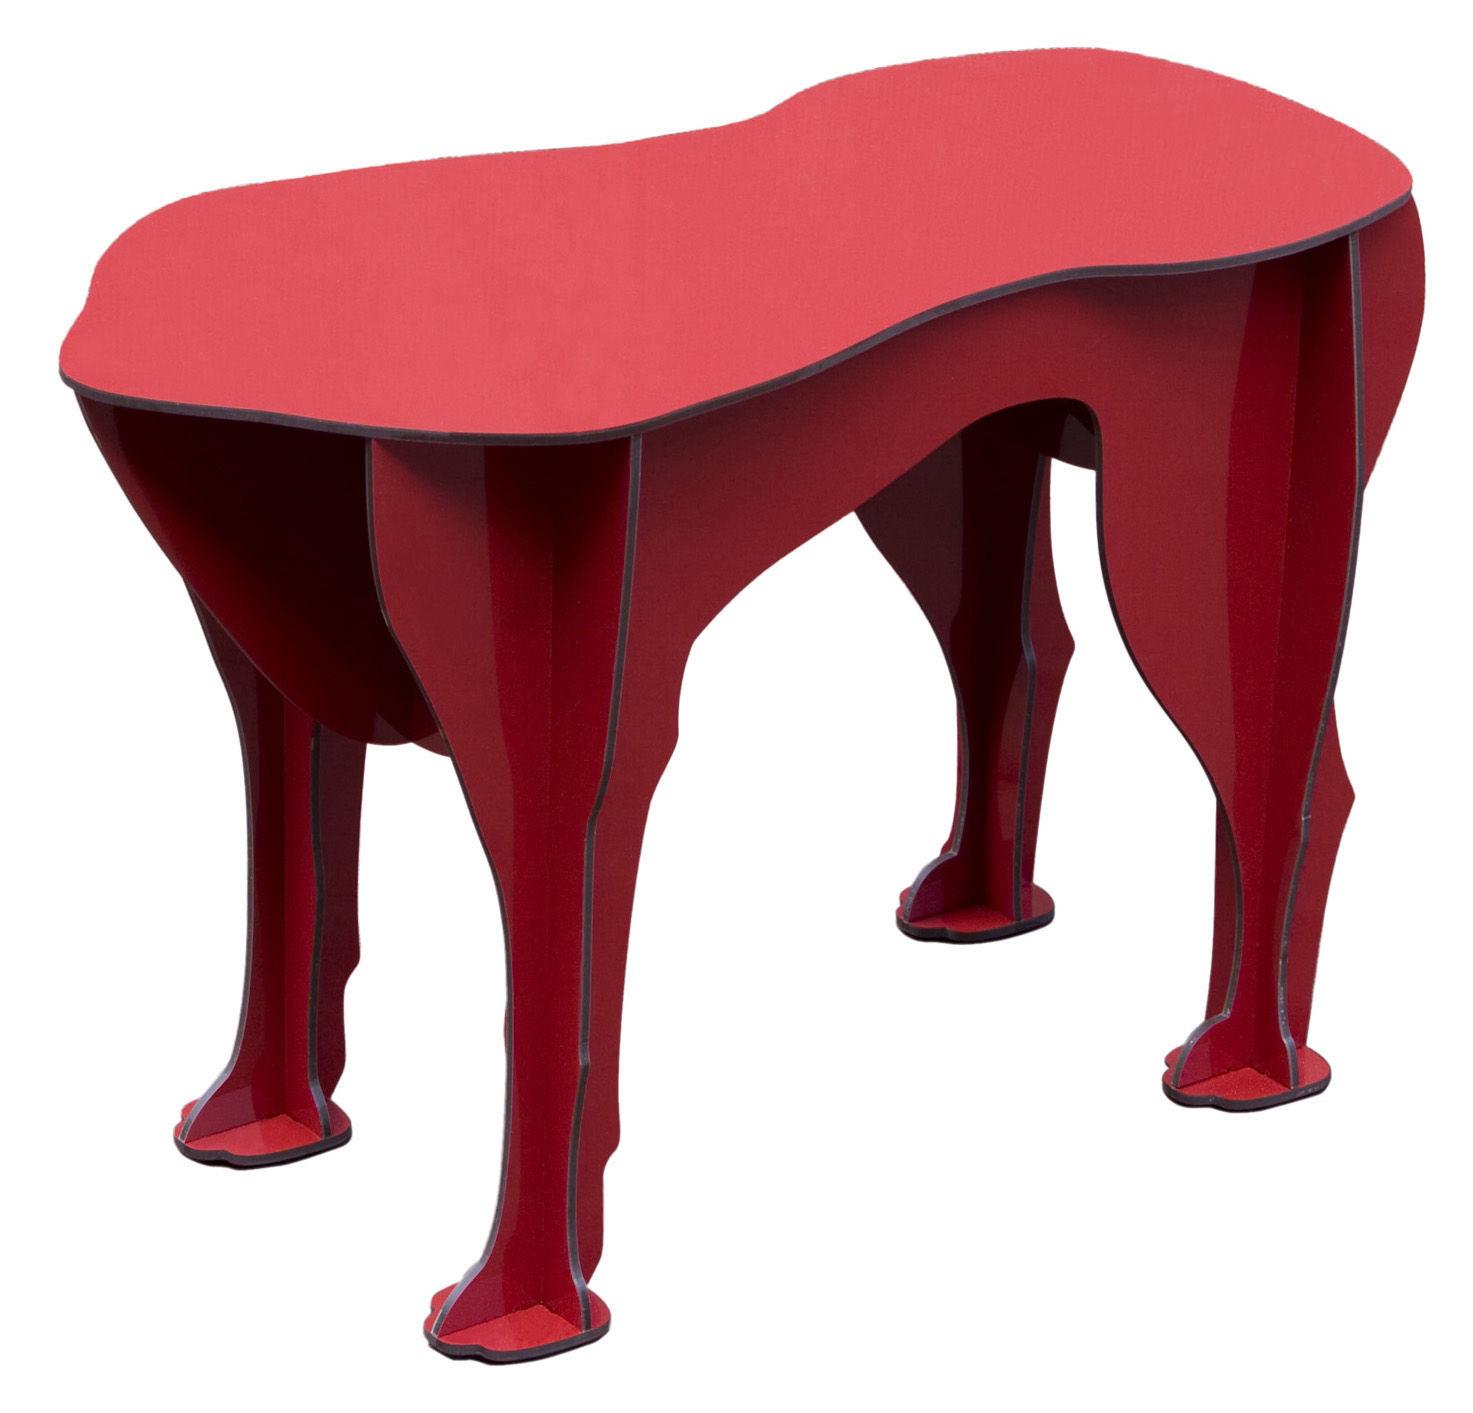 Möbel - Couchtische - Sultan Hocker - Ibride - Rot glänzend - kompakte Press-Spanplatte